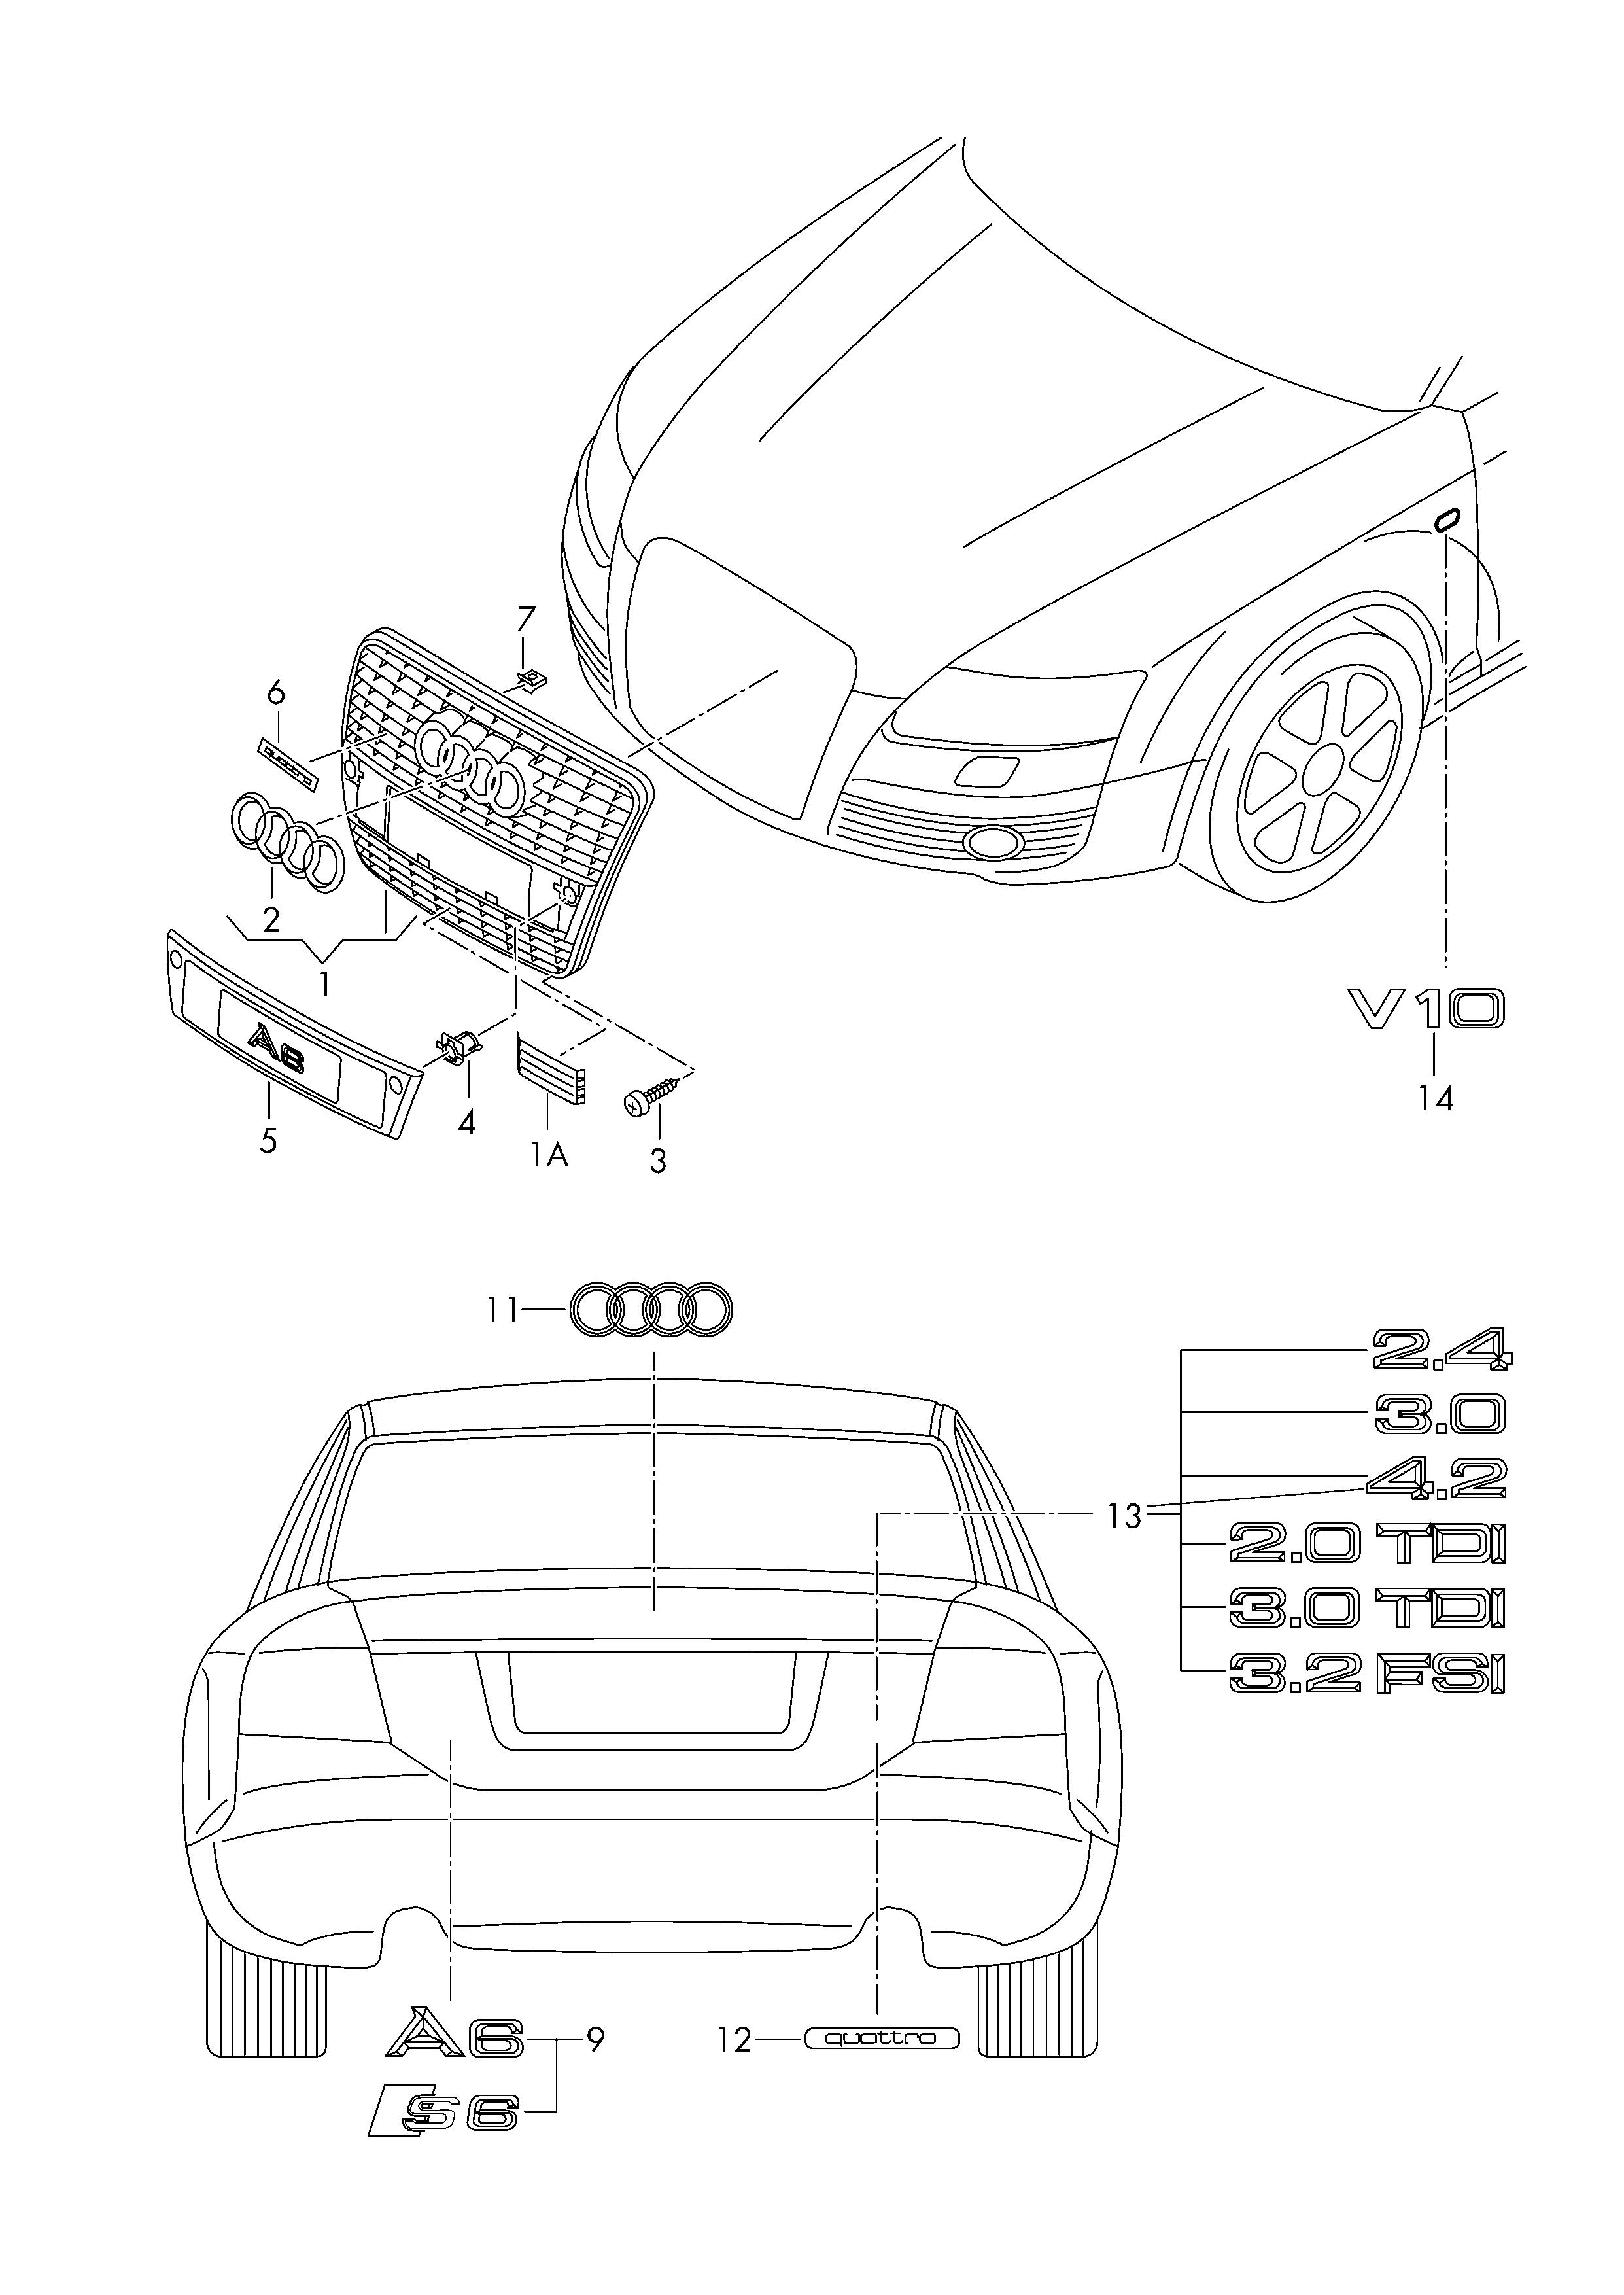 audi a6 s6 avant qu 2005 2008 inscriptions lettering 2001 Audi A6 Avant Quattro audi a6 s6 avant qu 2005 2008 vag etka